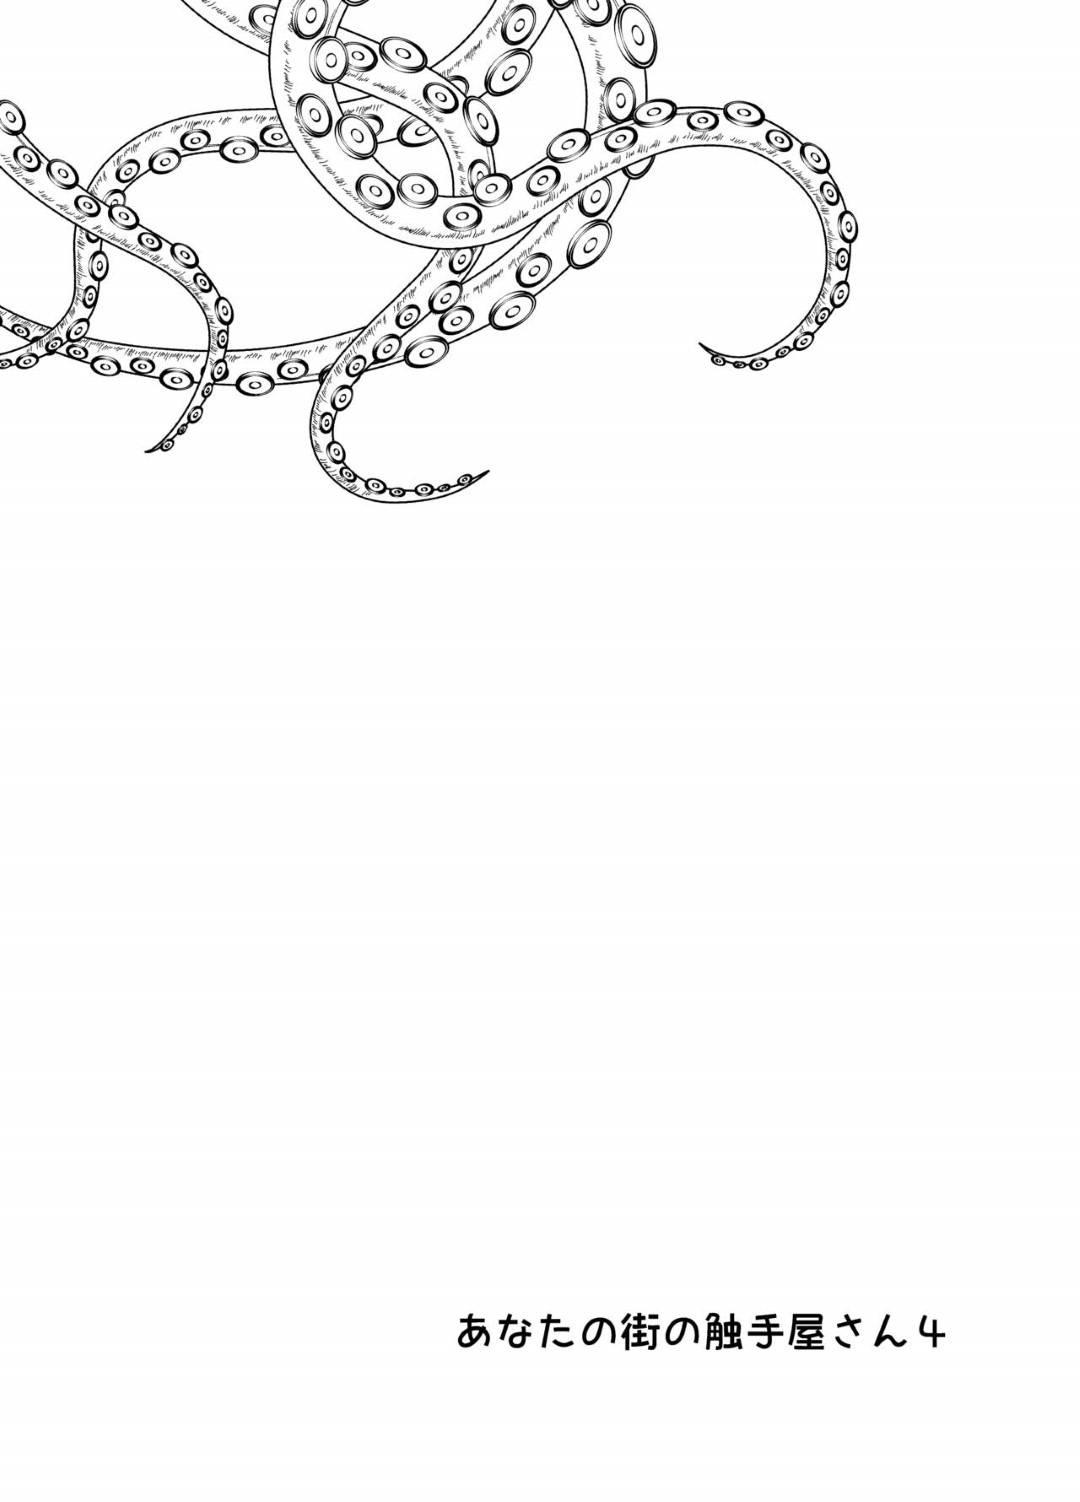 【エロ同人誌】触手屋さんでバイトすることになった美少女JK。利用者のエッチな声を聞いて仕事中に発情しまくり、先輩からの許可で仕事終わりに触手生物たちとヤりまくり乳首やクリを責められながら異種セックスして連続アヘ絶頂【オリジナル】